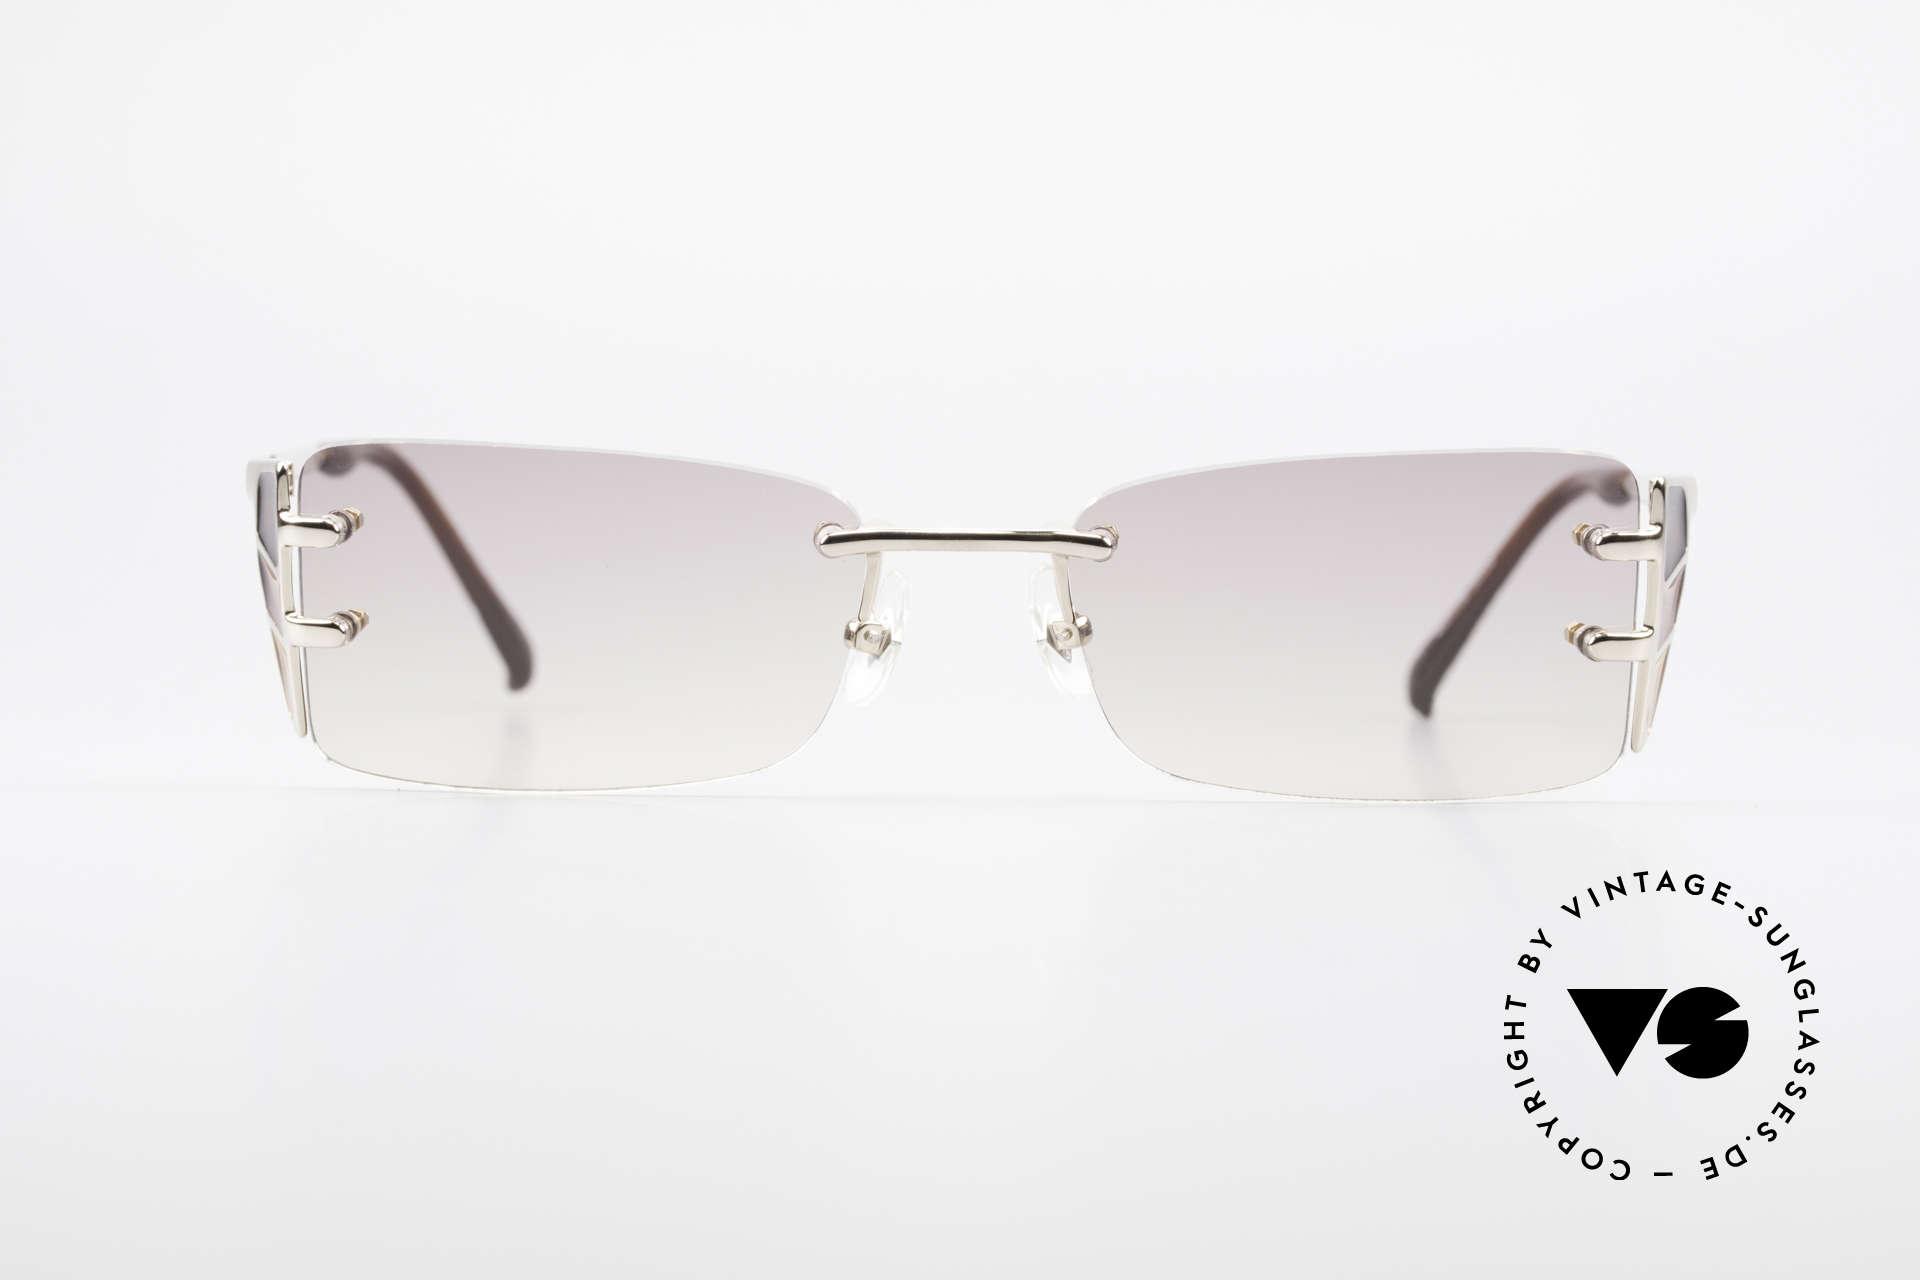 621410753 Sunglasses Jean Paul Gaultier 56-0041 Rimless Designer Sunglasses ...